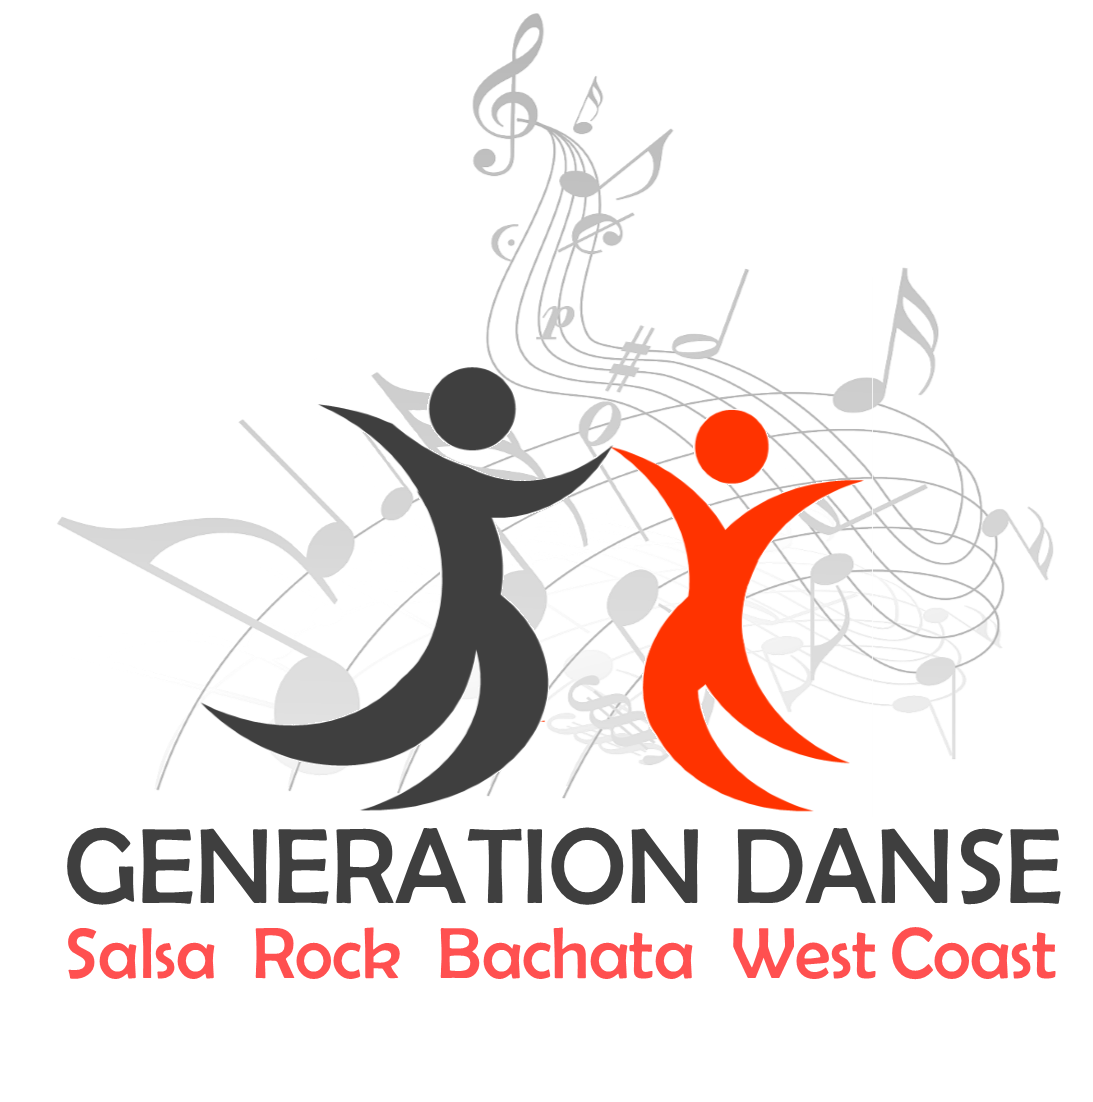 Bienvenue à Génération Danse